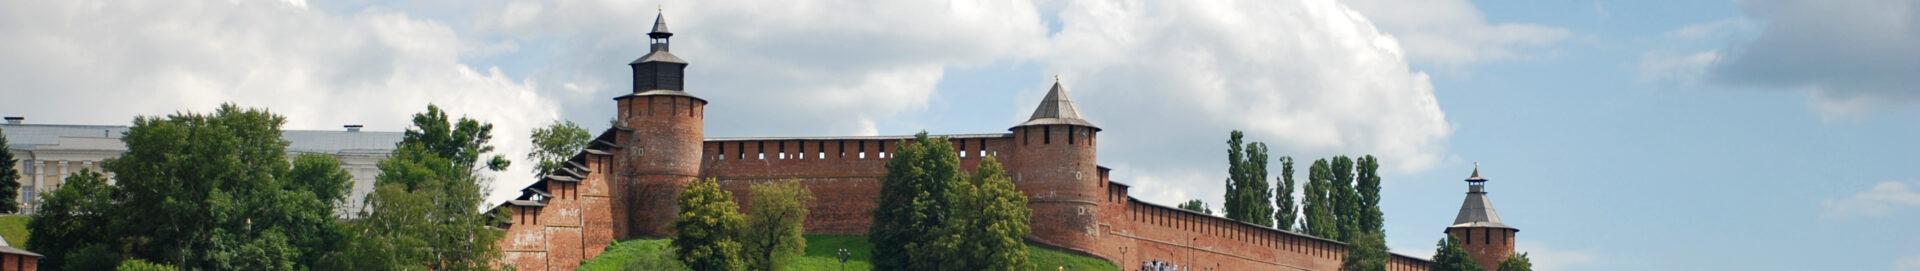 НМСУ  Нижнего Новгорода